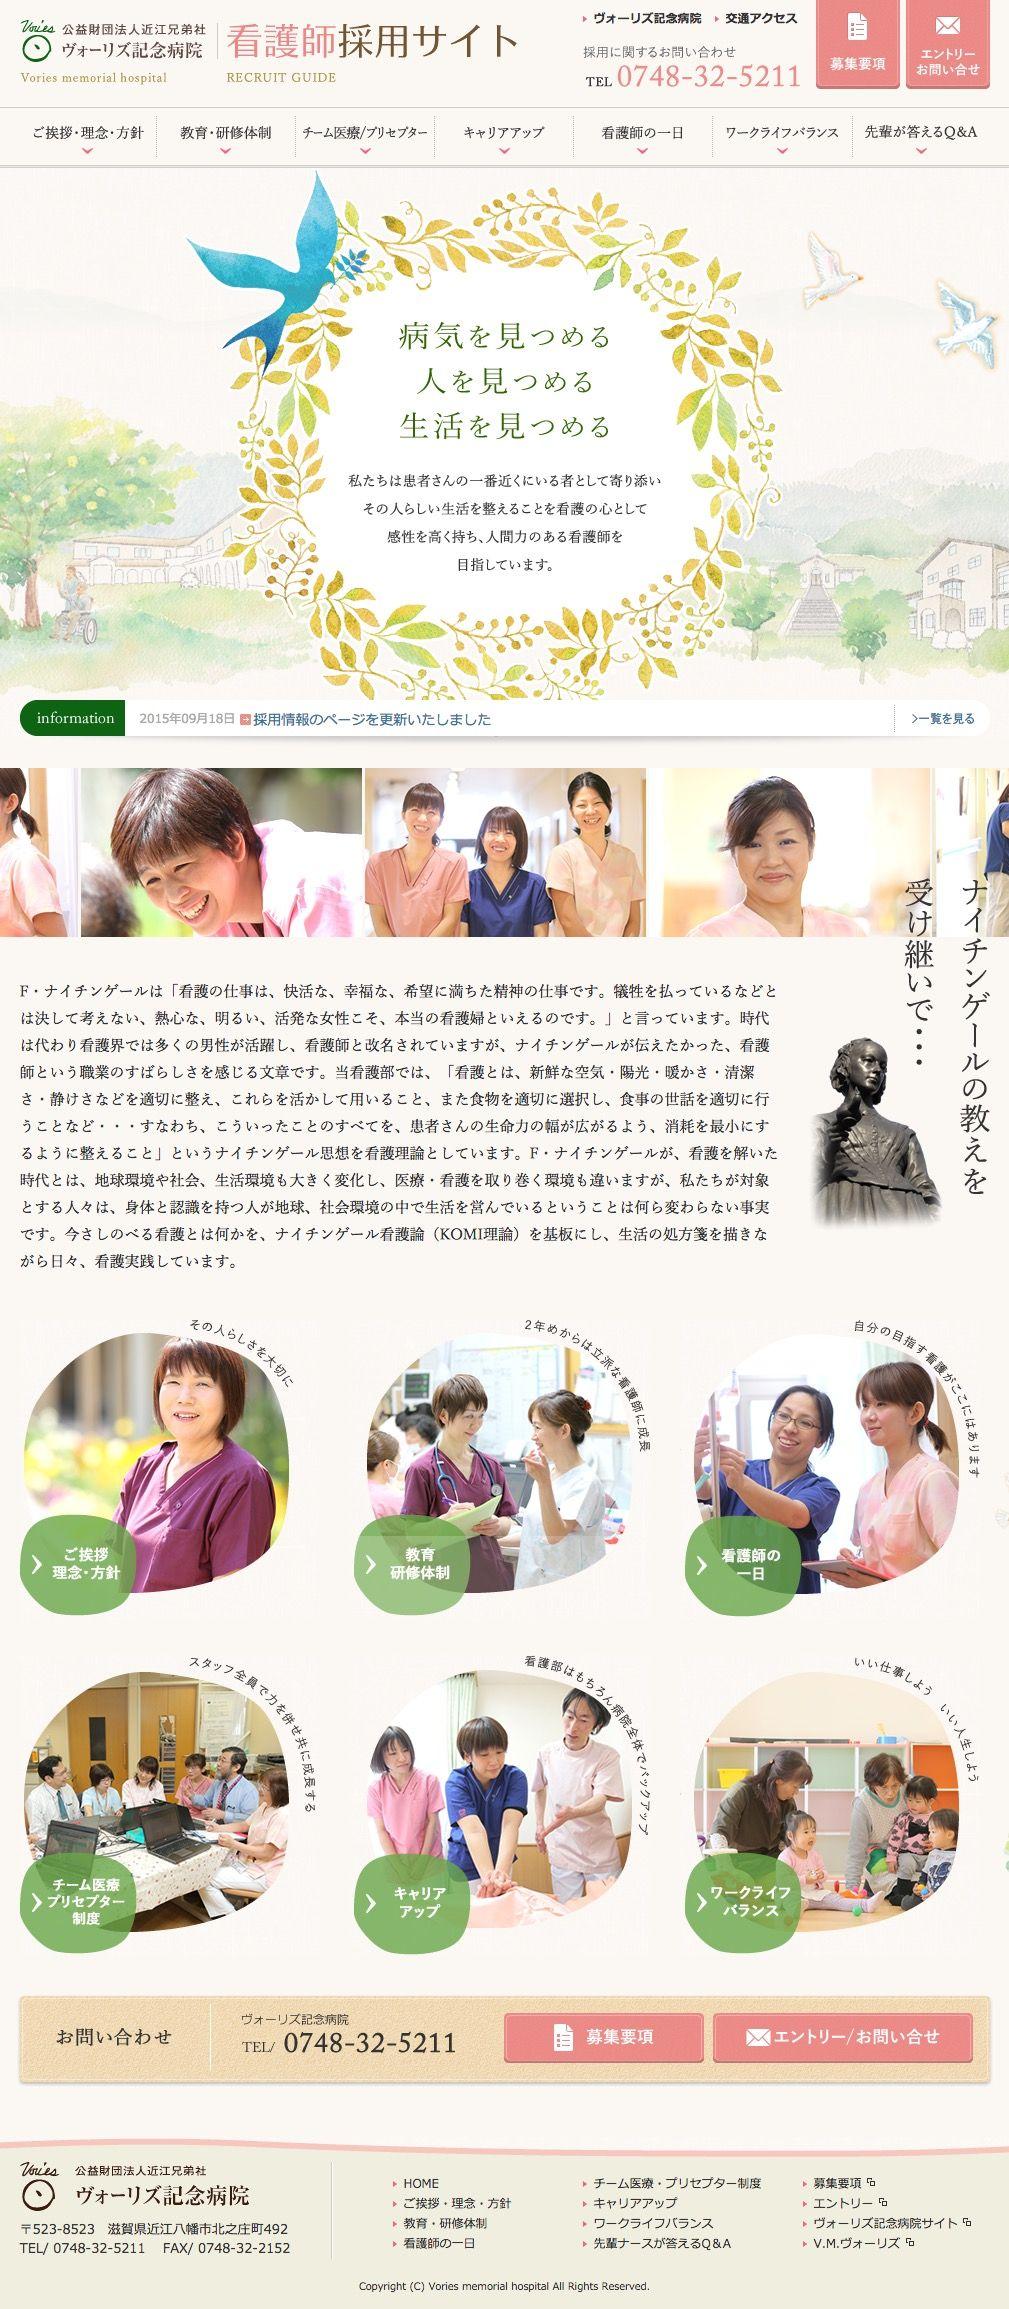 ヴォーリズ記念病院 看護師採用サイト | 看護部 ホームページデザイン